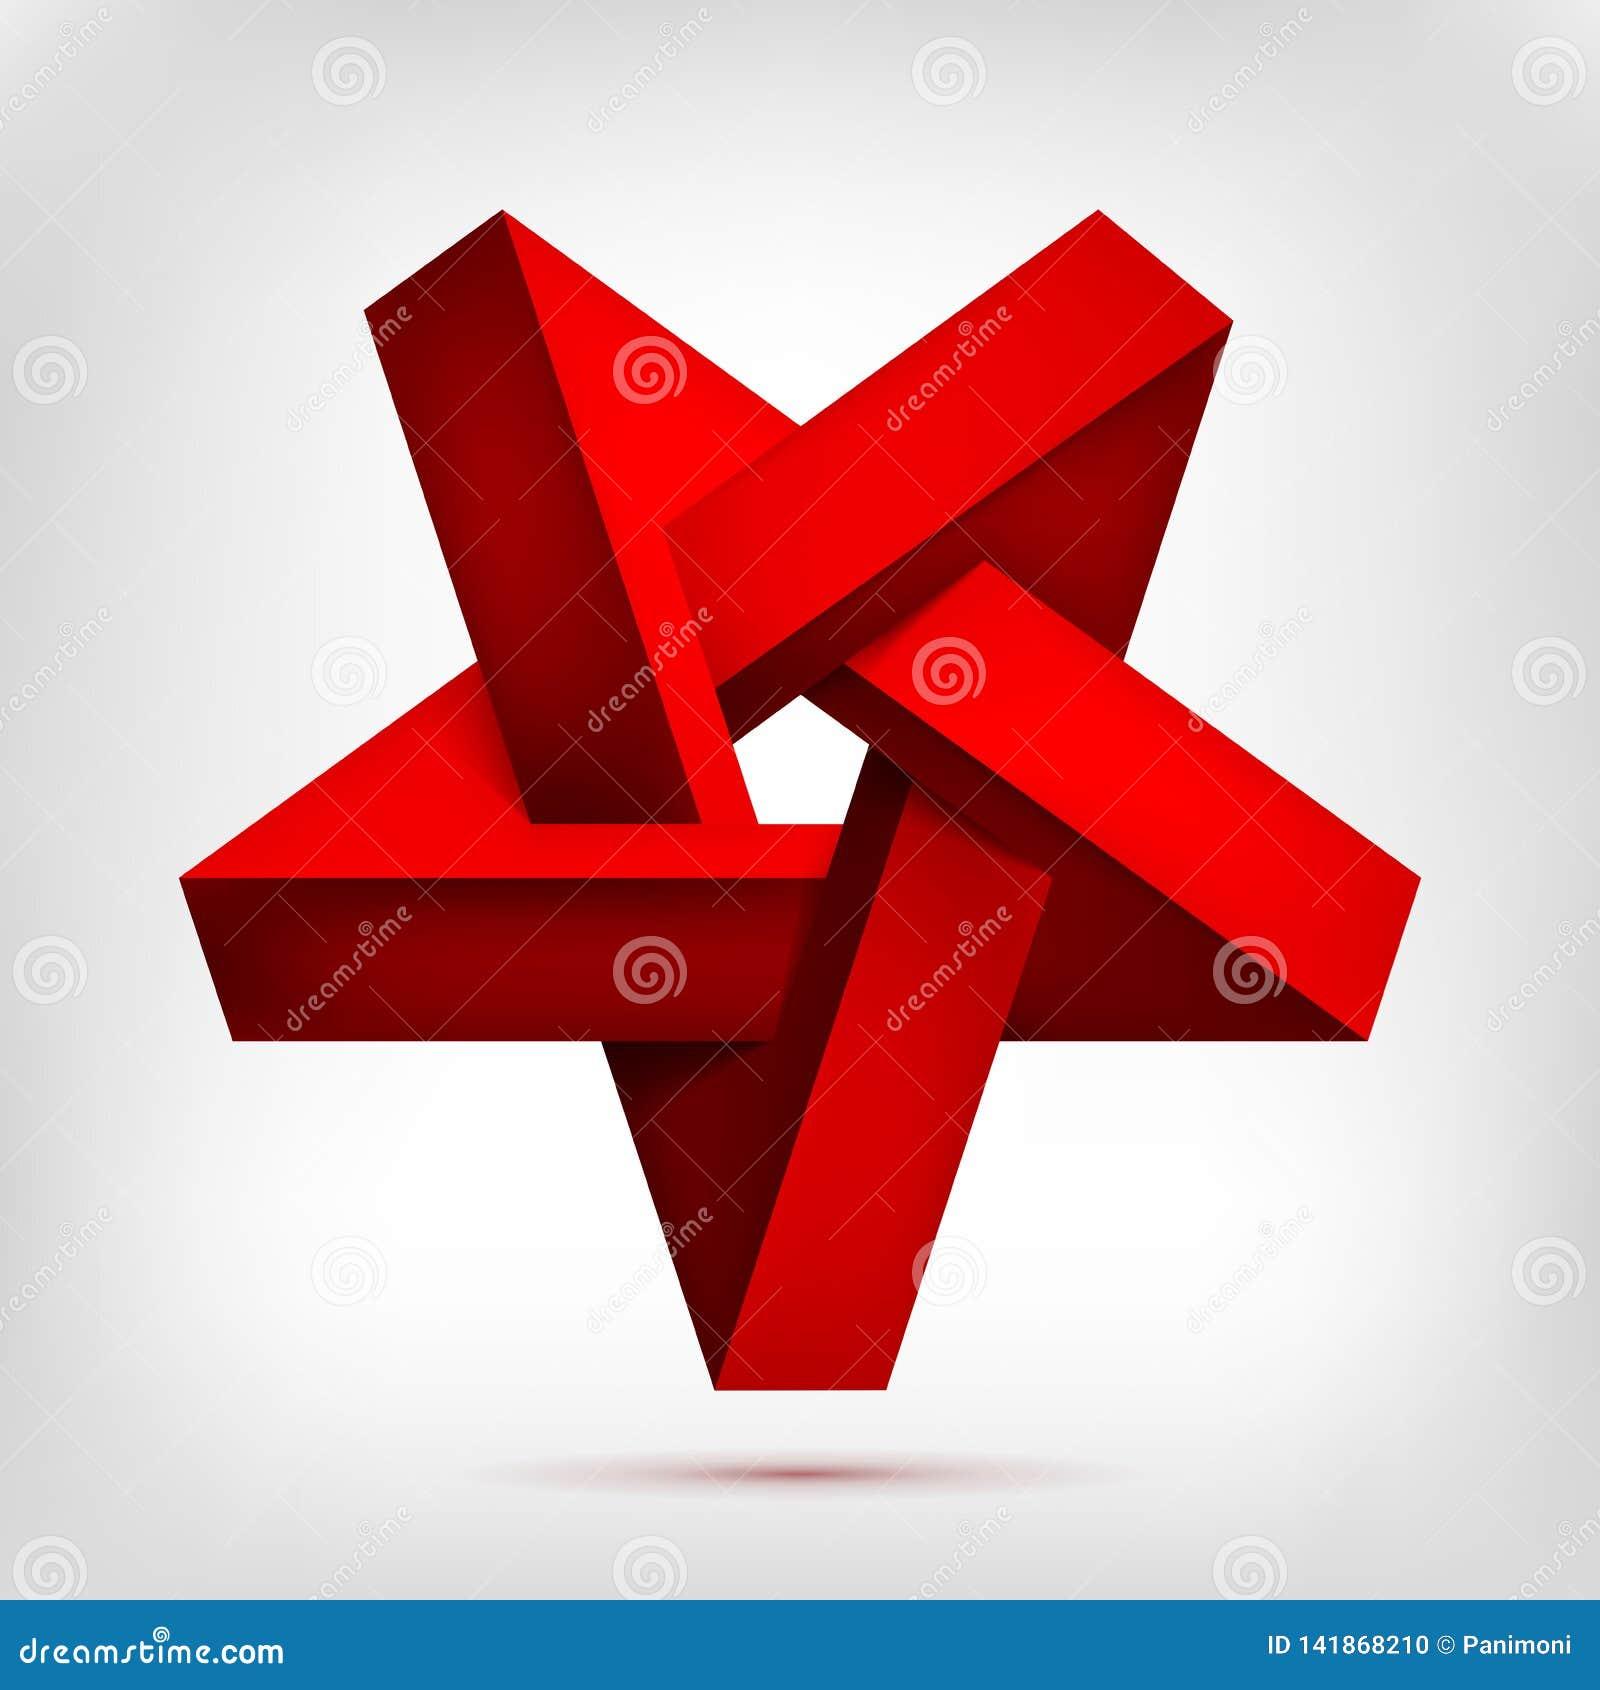 Roter umgekehrter Stern der fünfeckigen Illusion Fünf-spitze unwirkliche Form, nicht vorhandener Geometriegegenstand, abstrakter